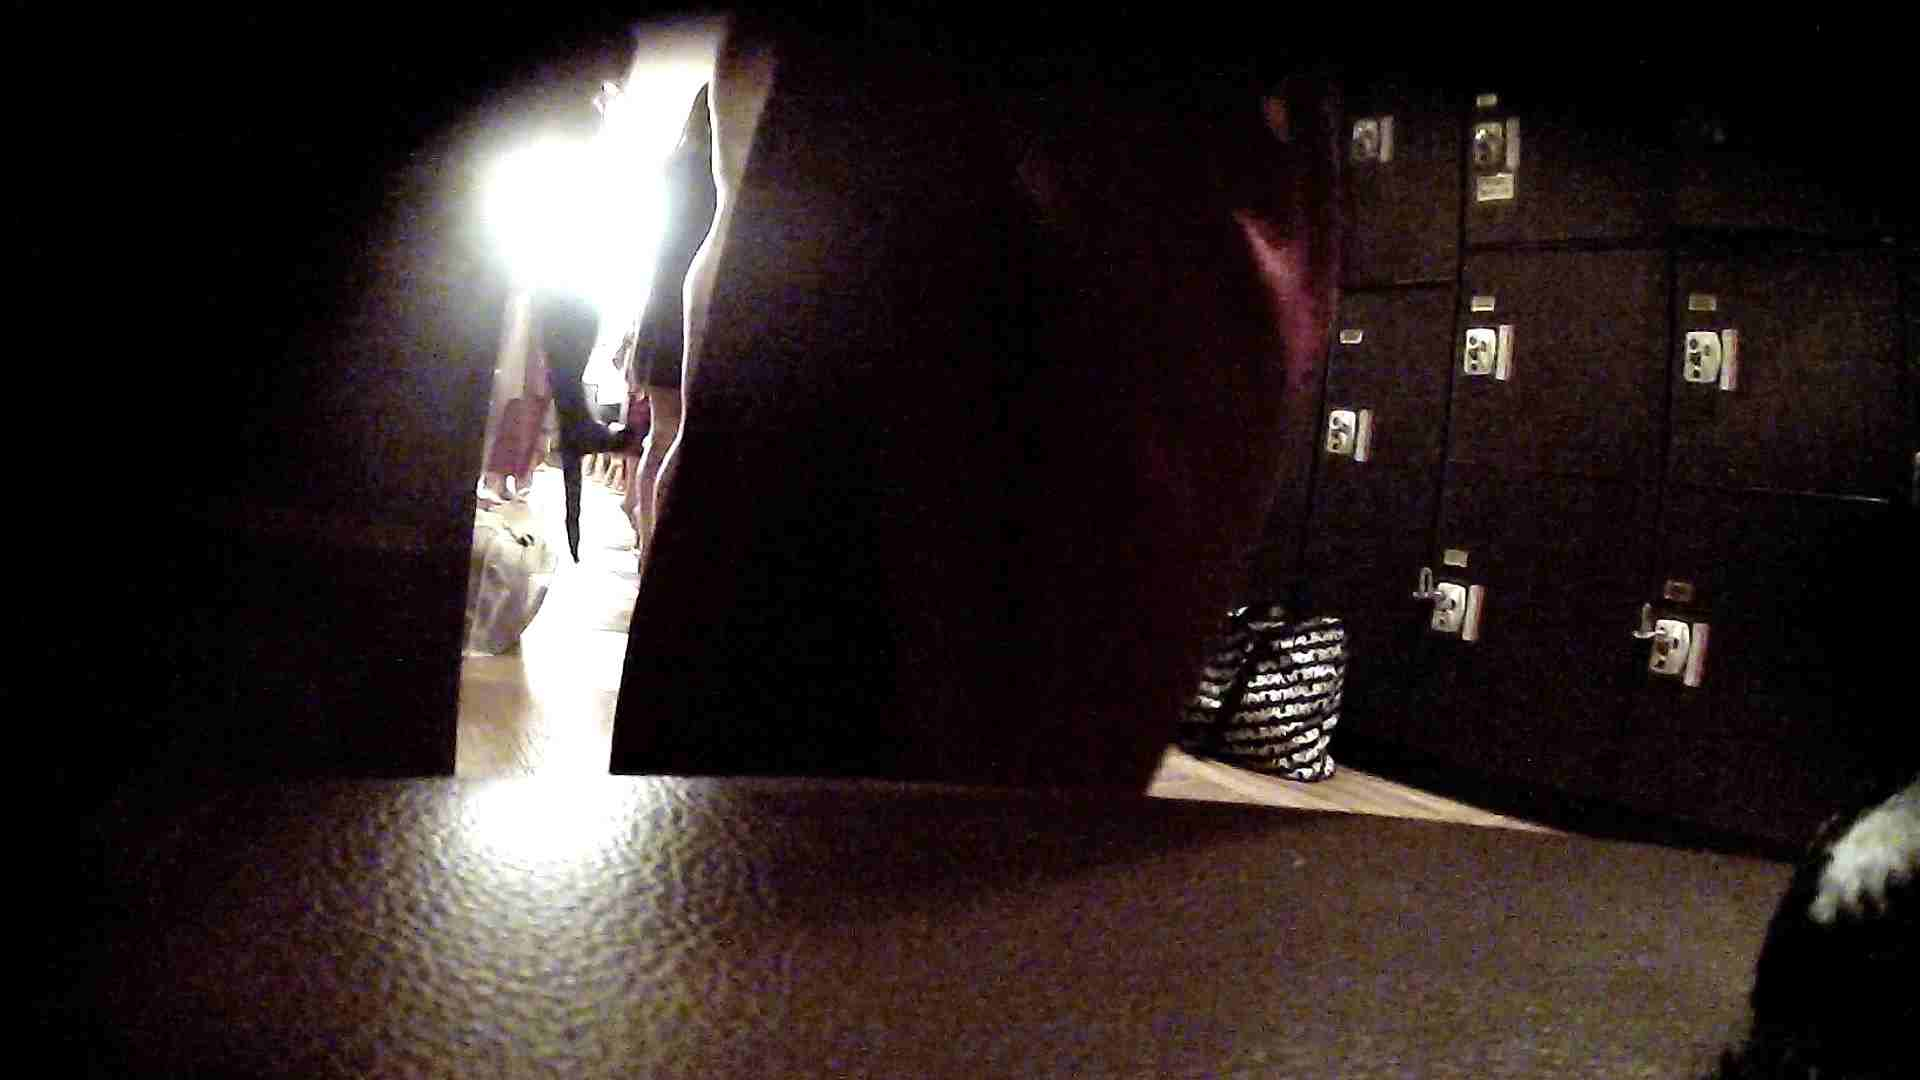 オムニバスVol.5 脱衣所のイケイケギャルがお勧め ギャル盗撮映像  97PIX 10